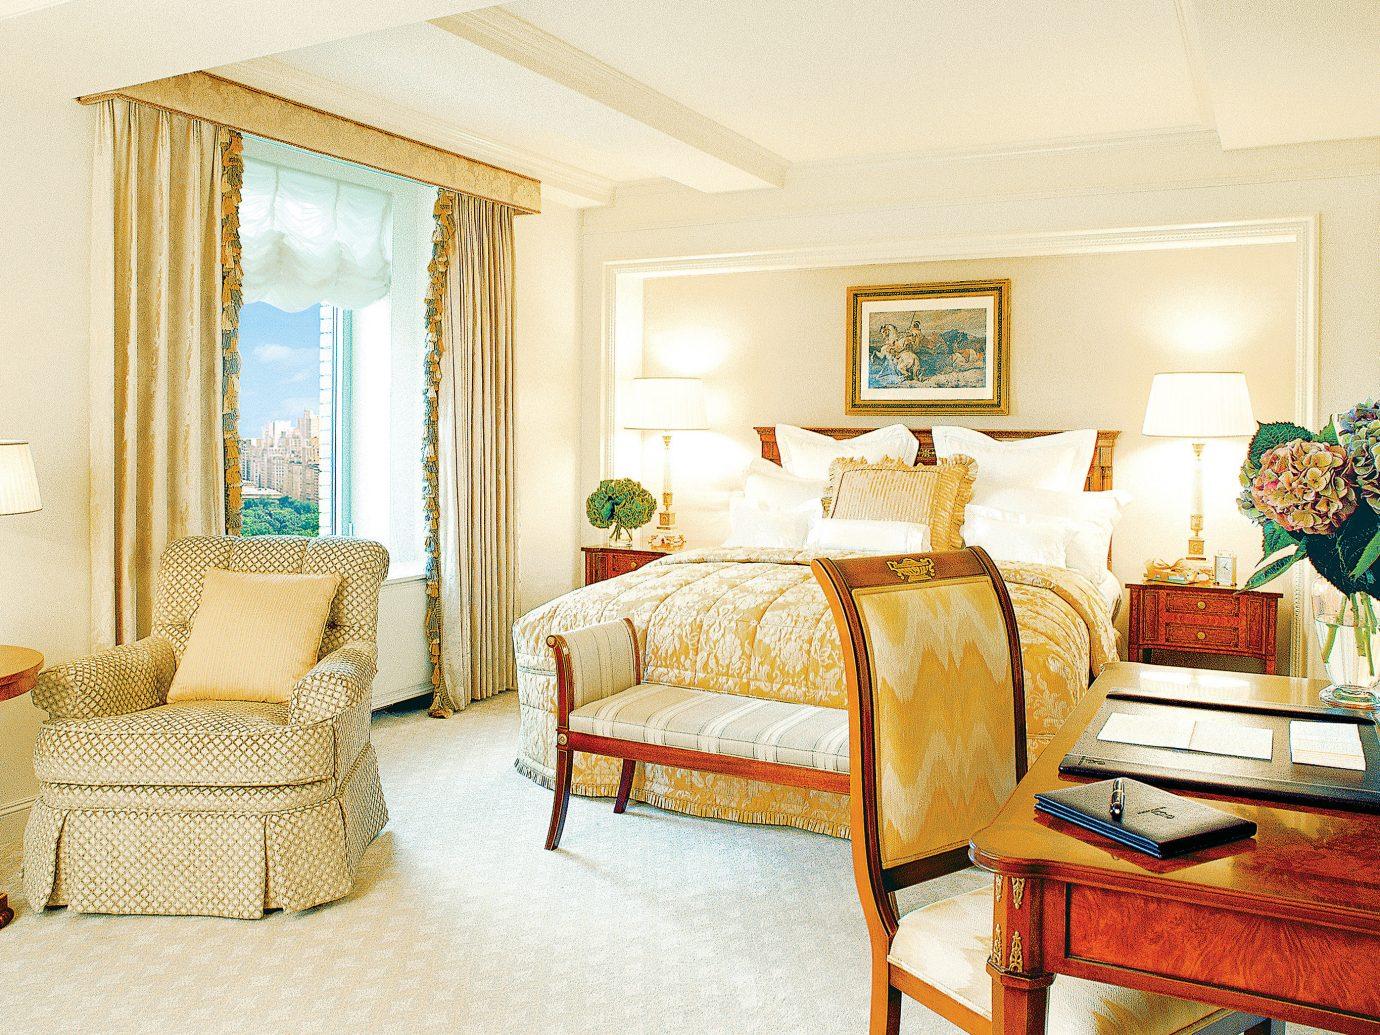 Bedroom Elegant Hotels Luxury Suite floor indoor room wall Living property living room estate home furniture cottage interior design real estate hardwood Villa farmhouse